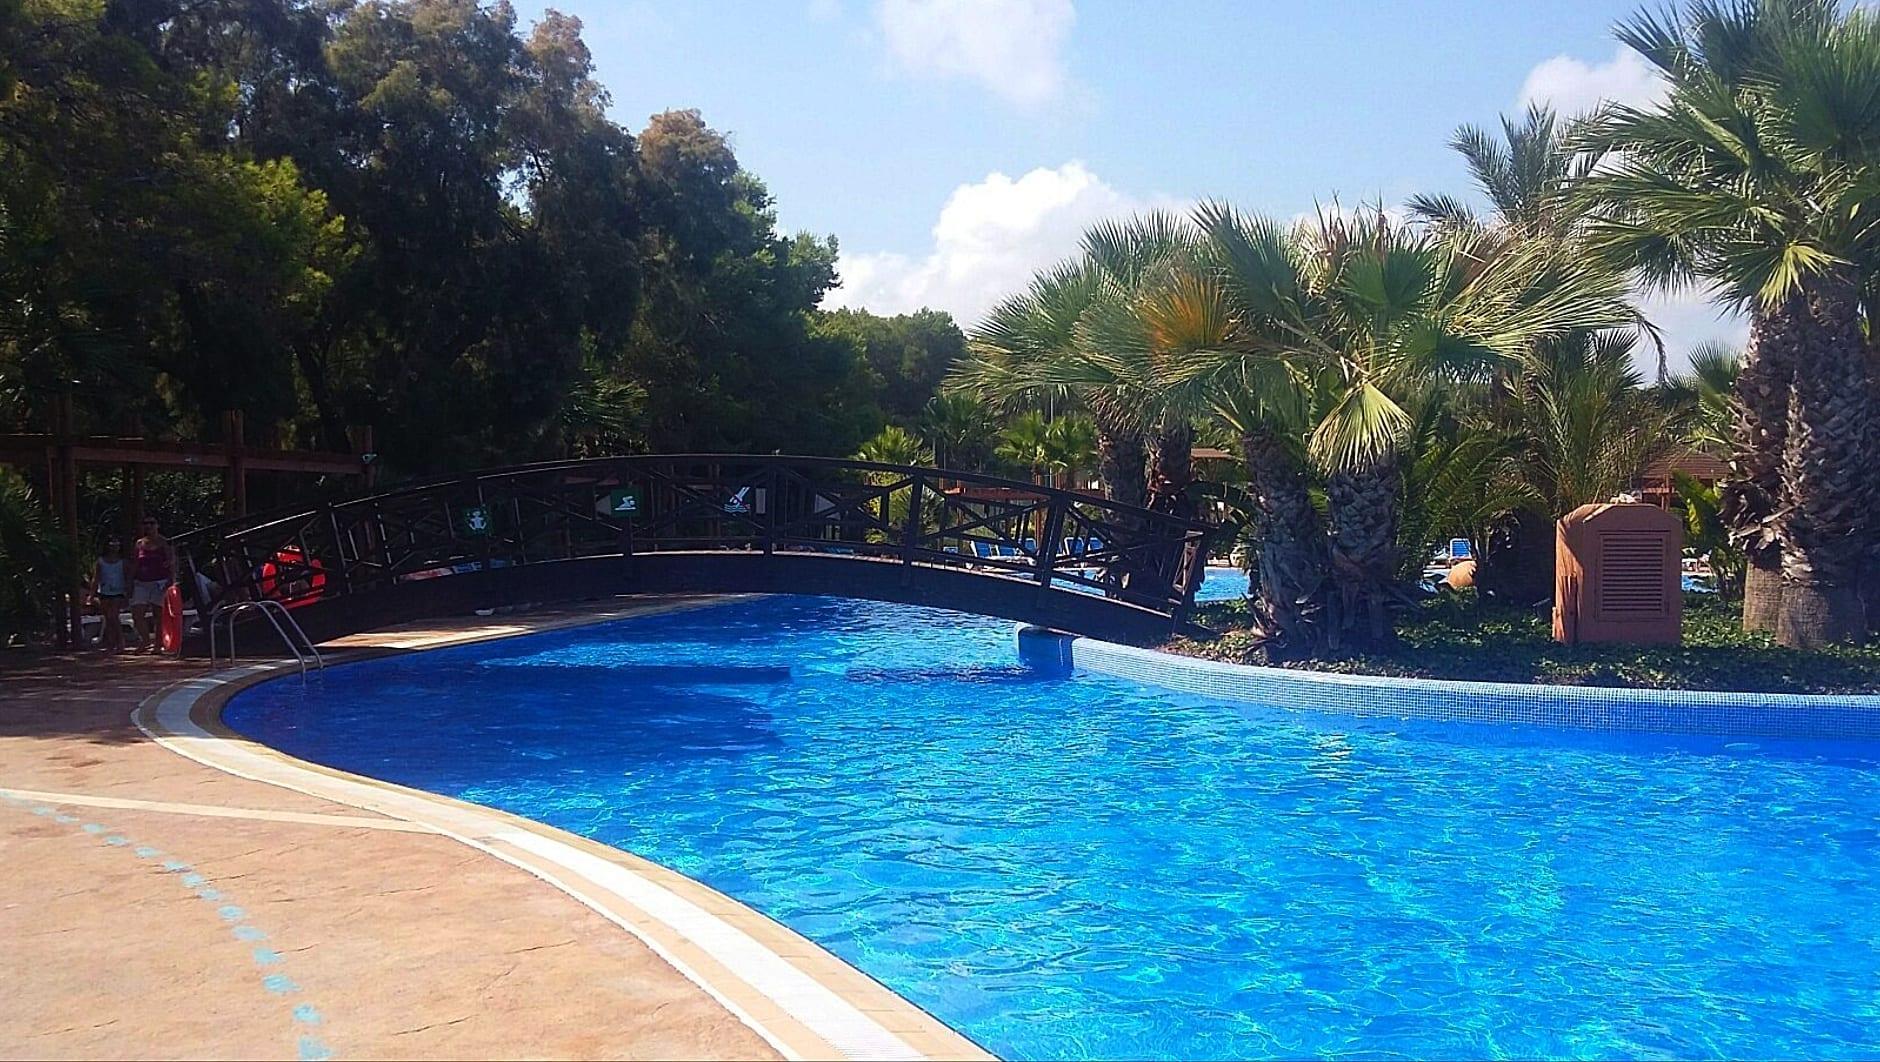 Torre-de-la-mar-swimming-pool